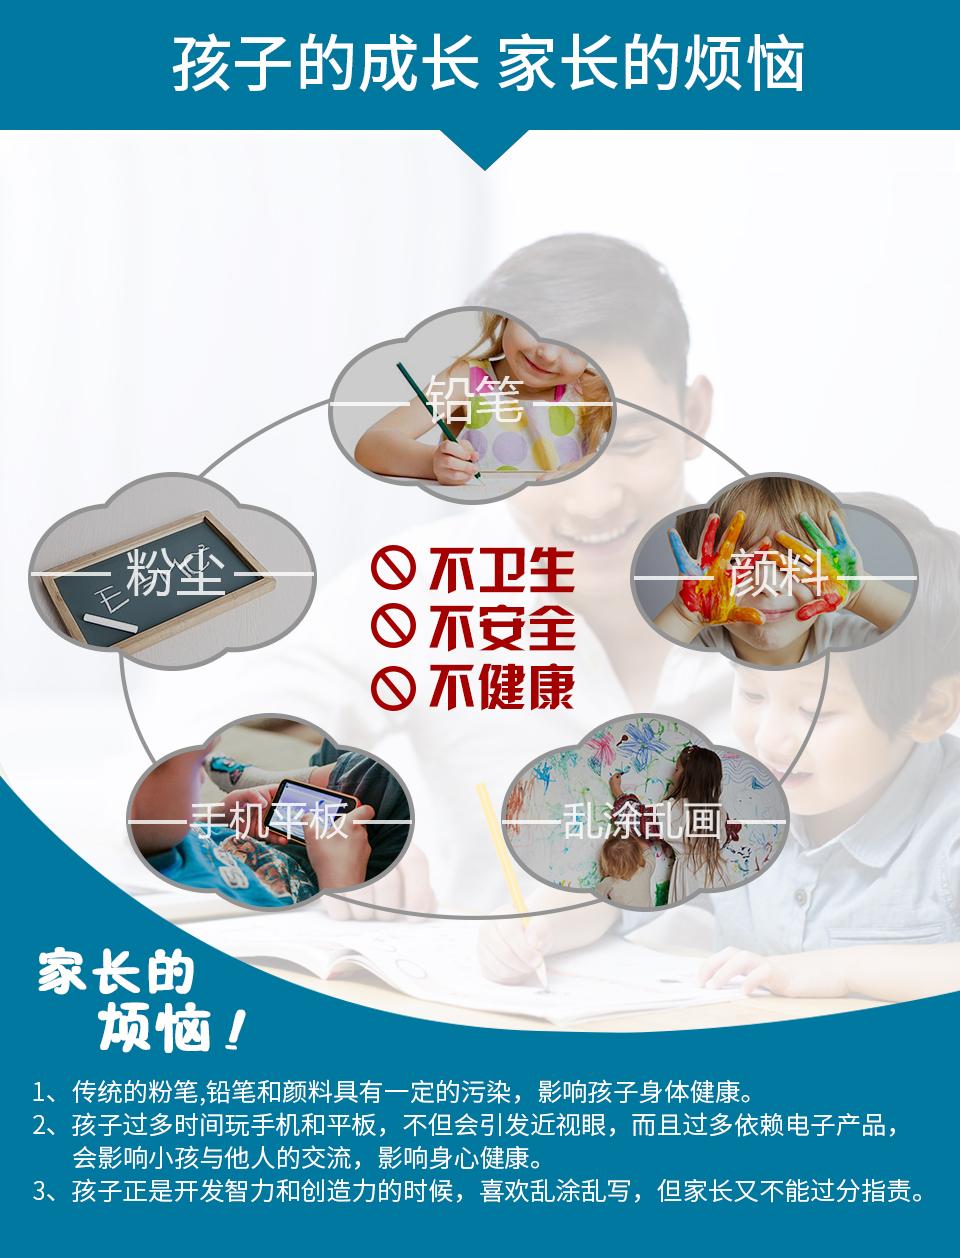 孩子的成长、家长的烦恼:1、传统的粉笔,铅笔和颜料具有一定的污染,影响孩子的身体健康。2、孩子过多时间玩手机和平板,不但会引发近视眼,而且过多依赖电子产品,会影响小孩与他人的交流,影响身心健康。3、孩子正是开发智力和创造力的时候,喜欢乱涂乱写,但家长又不能过分指责。